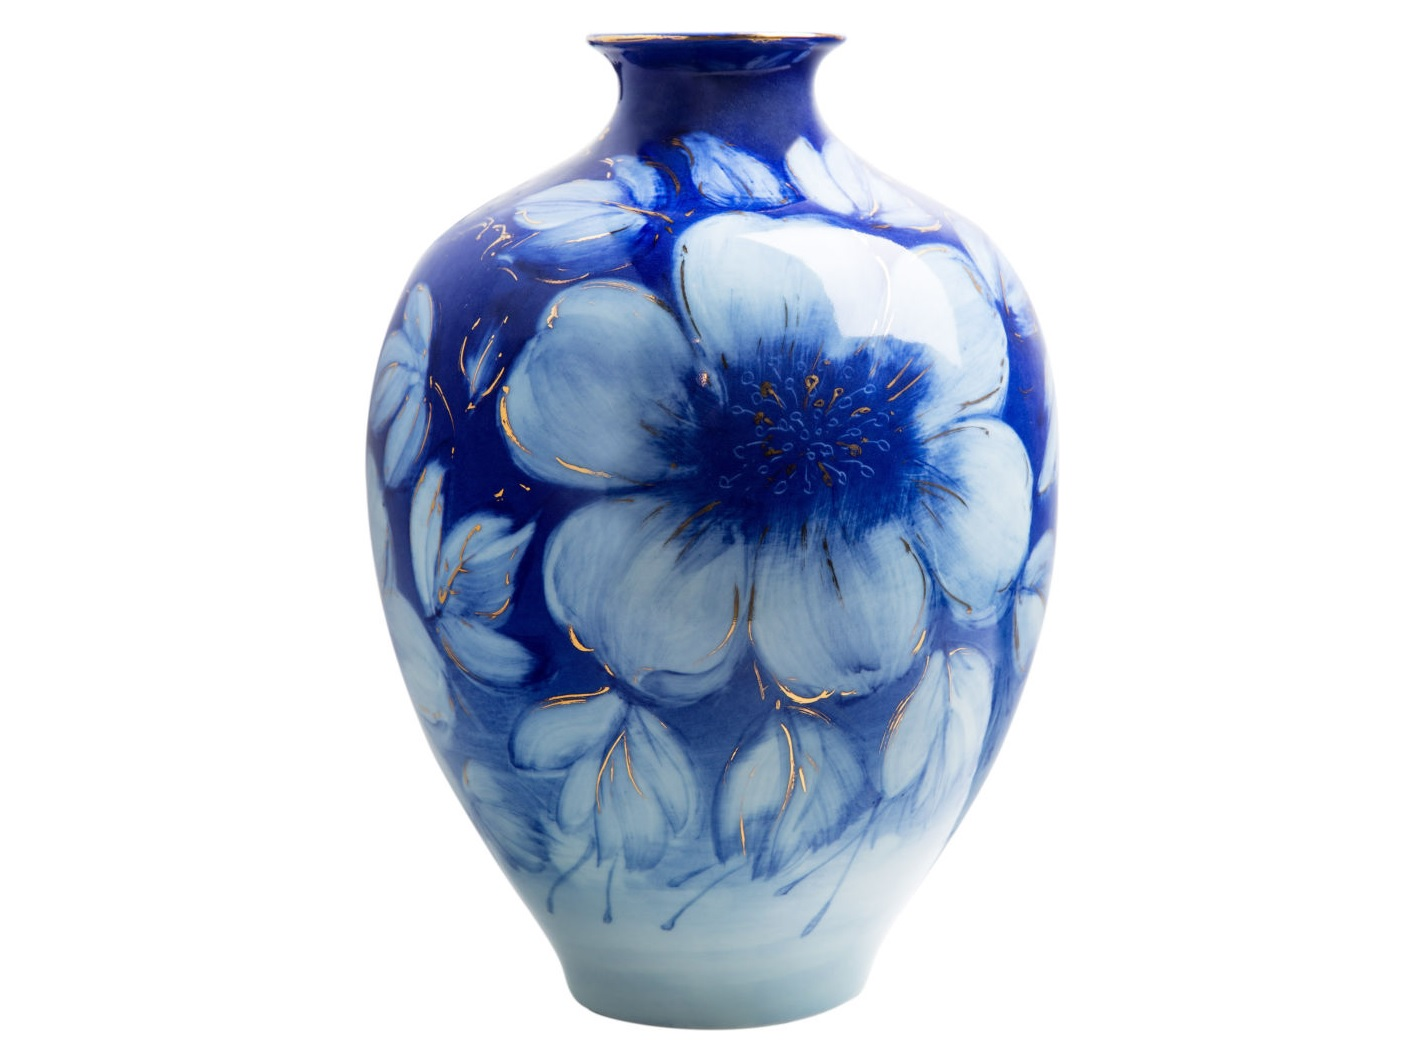 Ваза настольная Bloom smallВазы<br><br><br>Material: Керамика<br>Высота см: 35